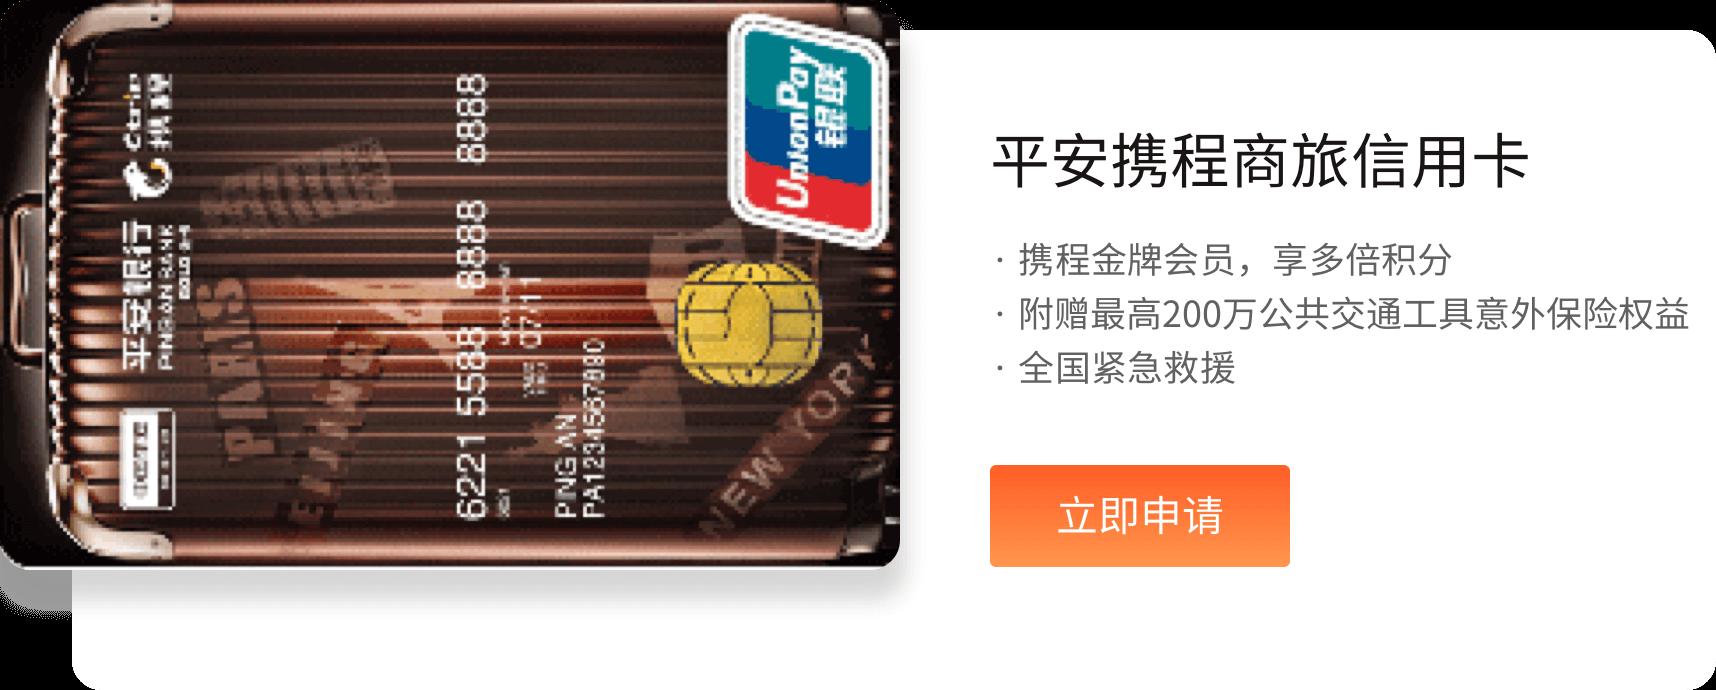 平安攜程商旅信用卡